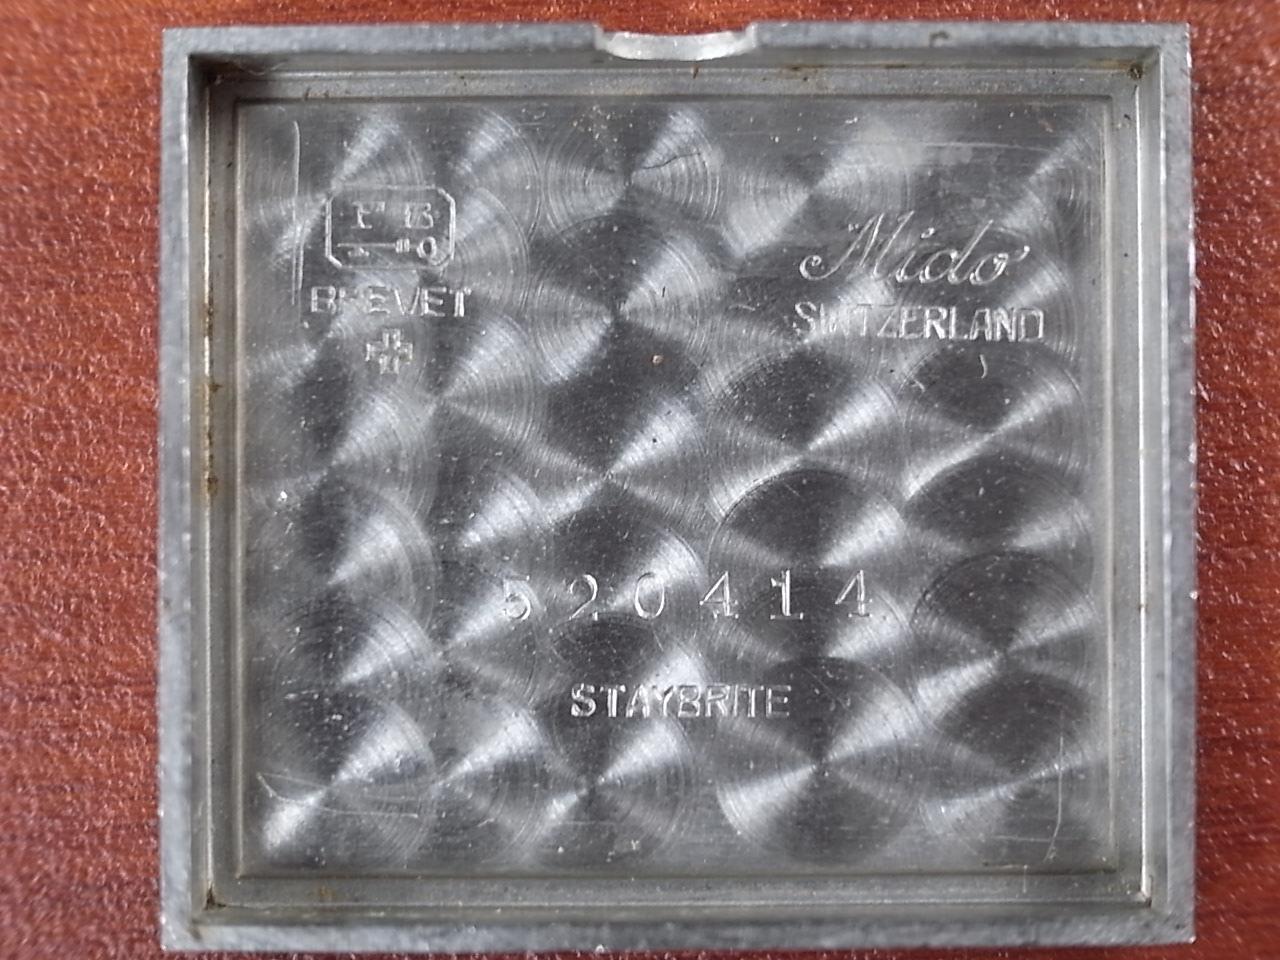 ミドー レクタンギュラー 角型スライド防水ケース グレーダイアル 1940年代の写真6枚目